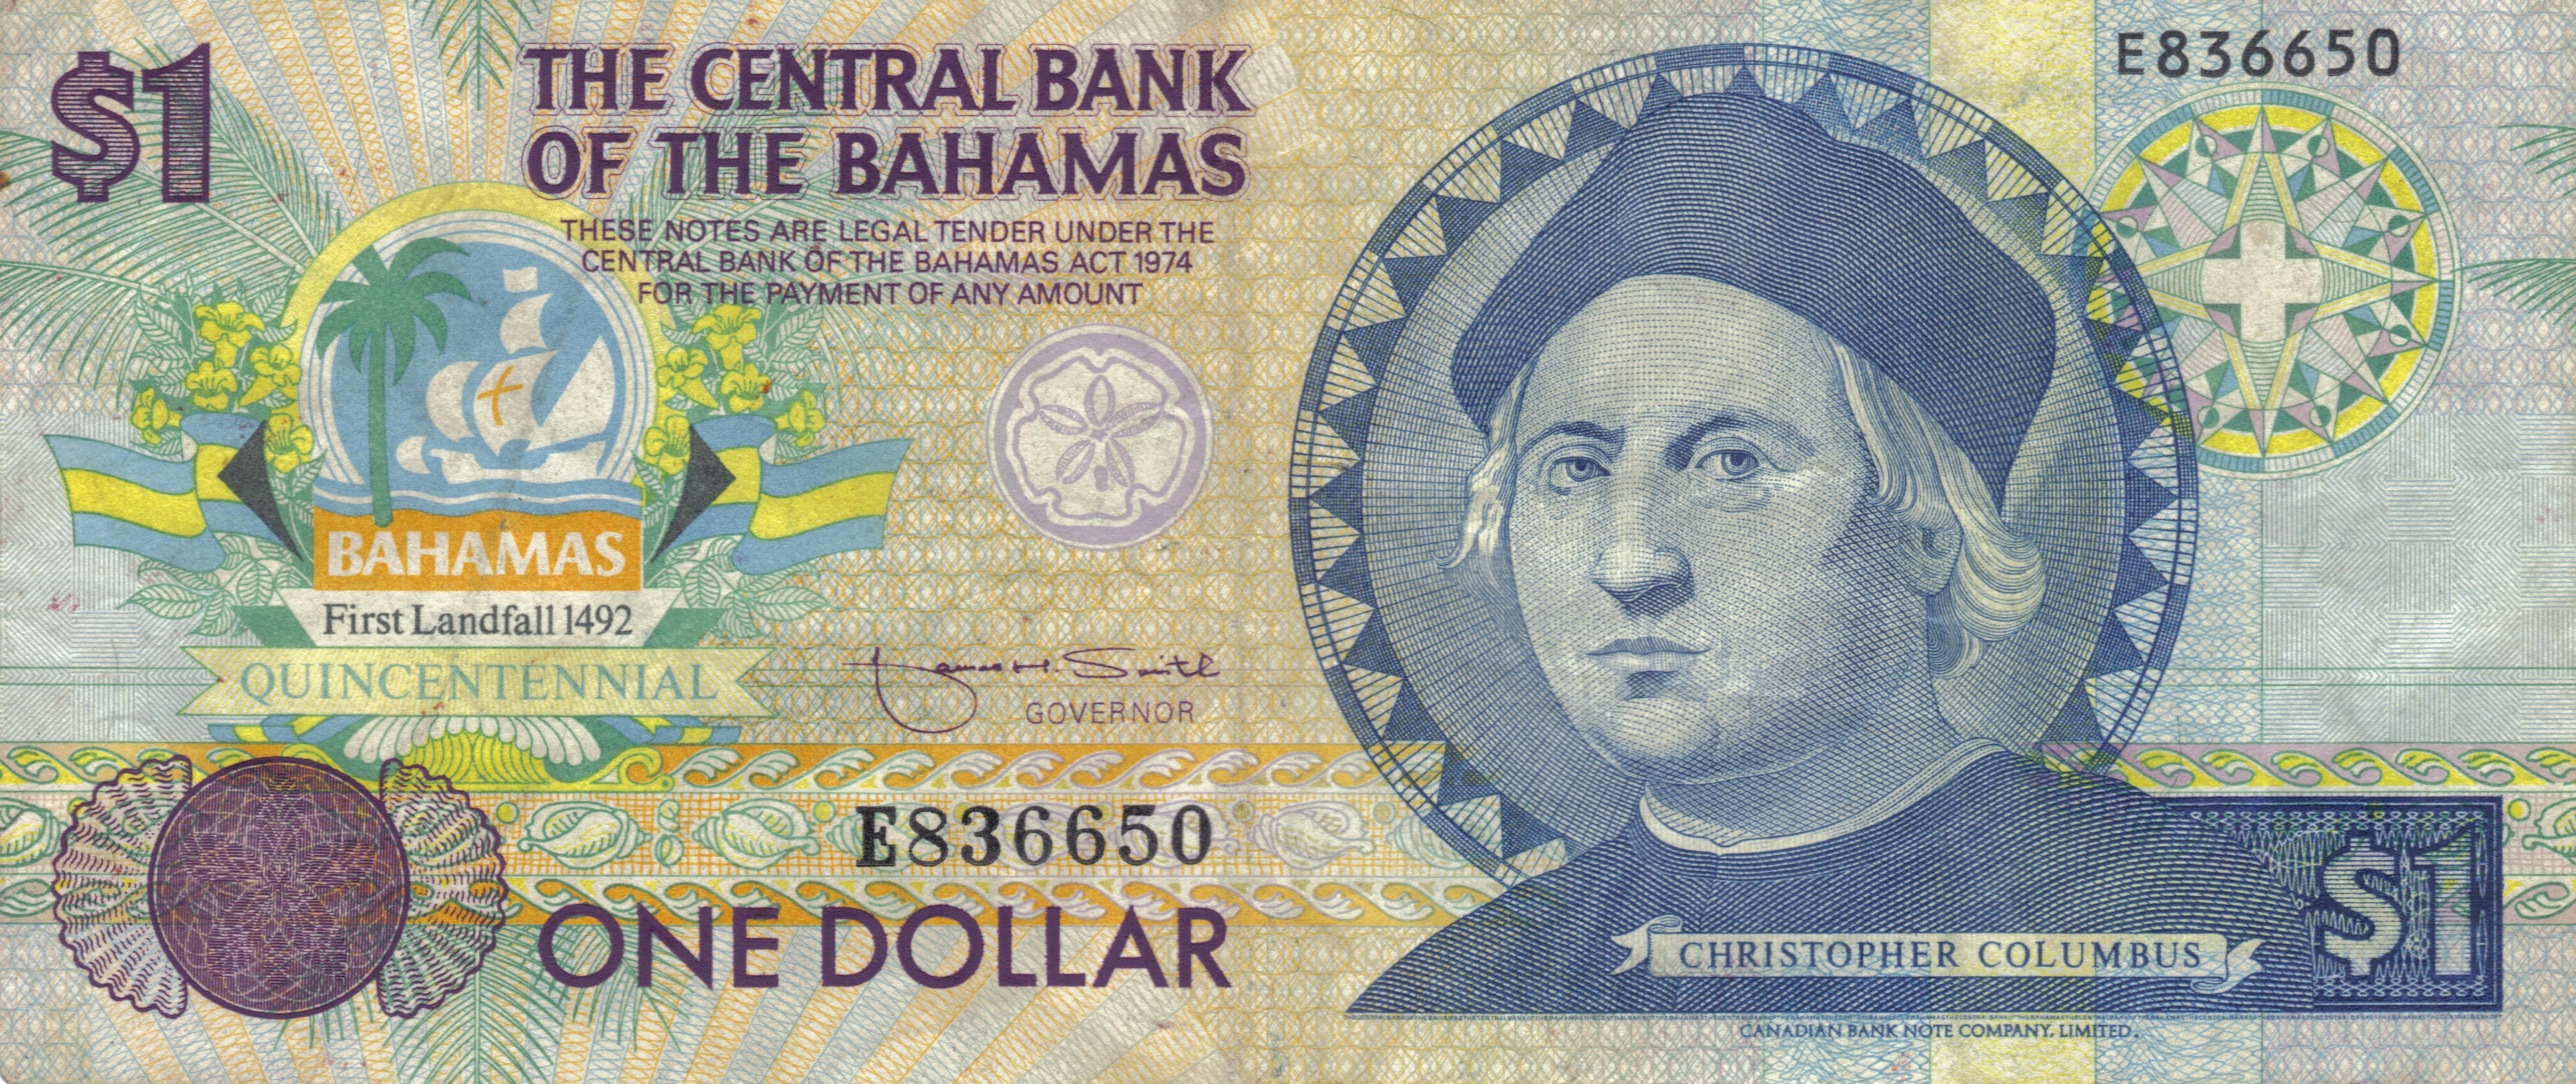 new 100 dollar bill wallpaper